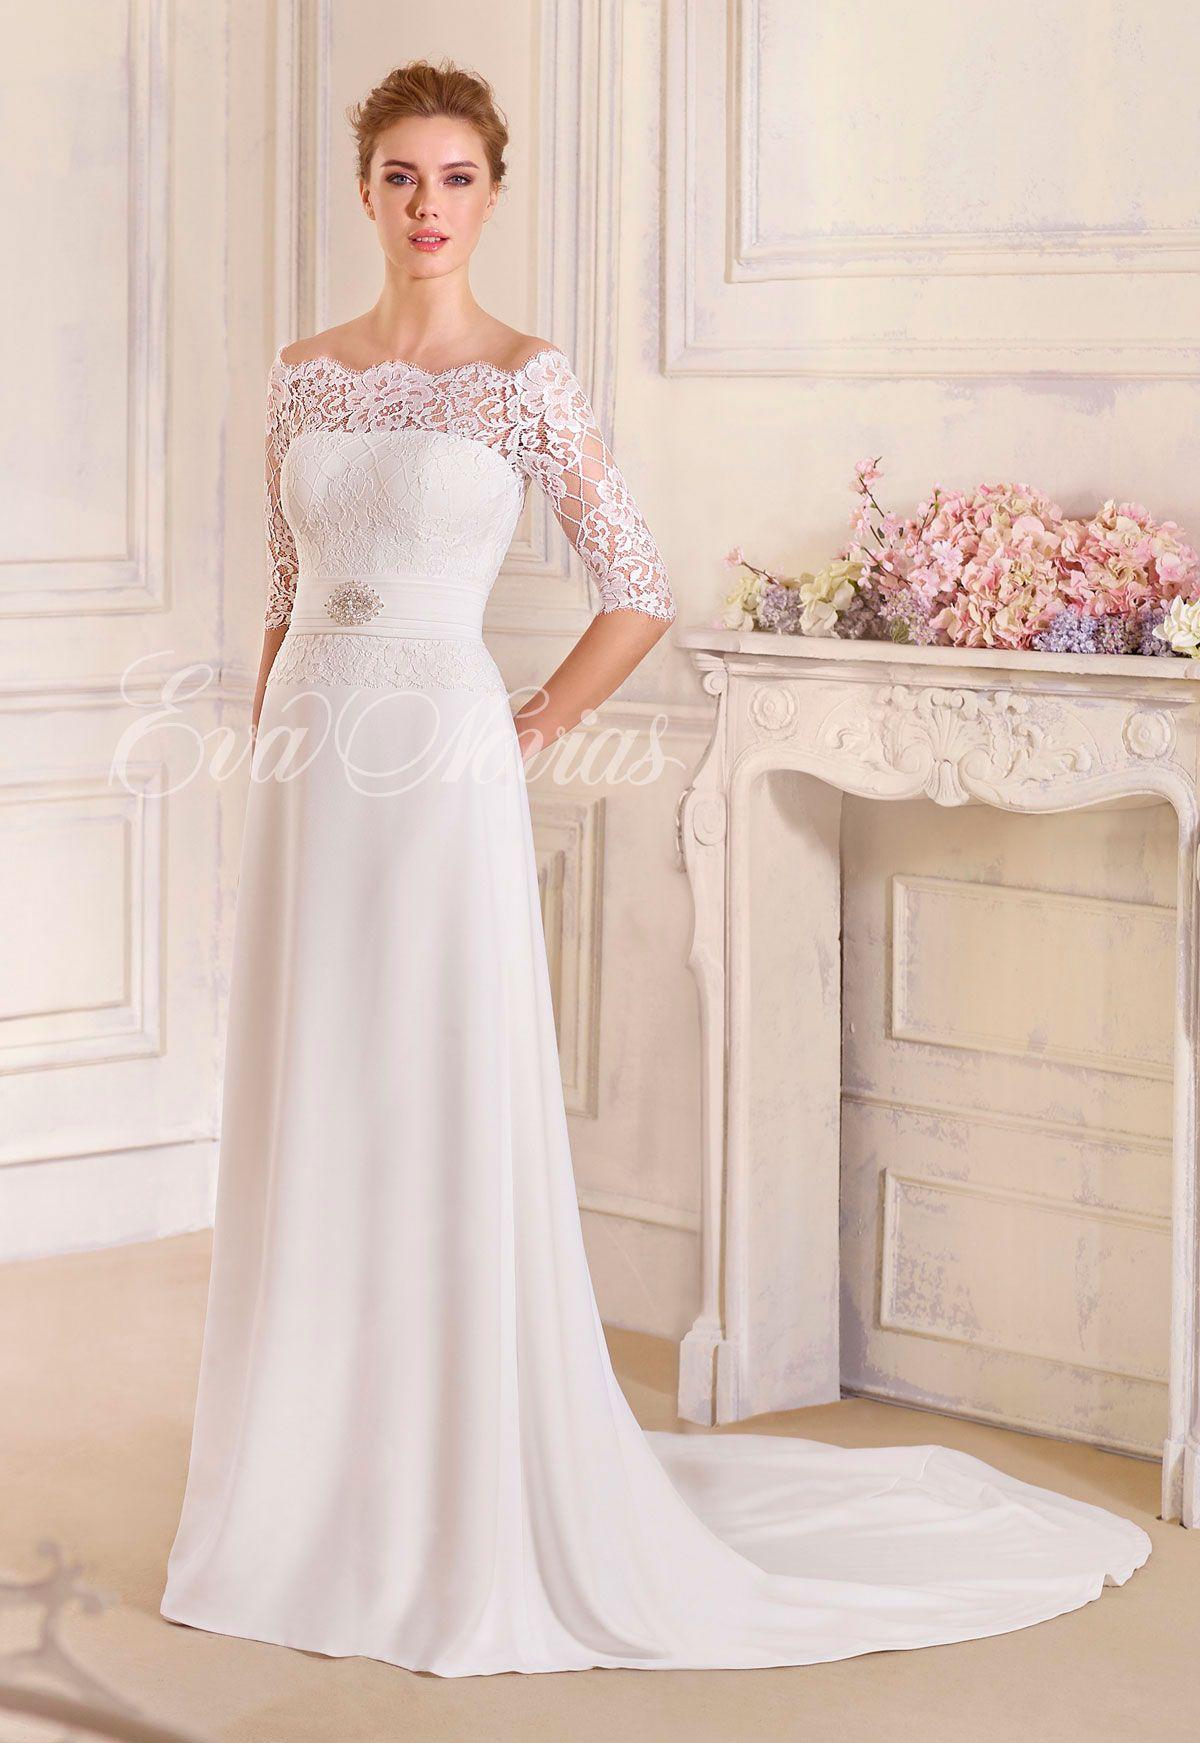 64d5728ab Vestido de novia Modelo Mariana. Colección 2017 de Novia Dart en Eva Novias  Madrid.  vestido  novia  2017  coleccion  weddingdress  fashion   bridalfashion